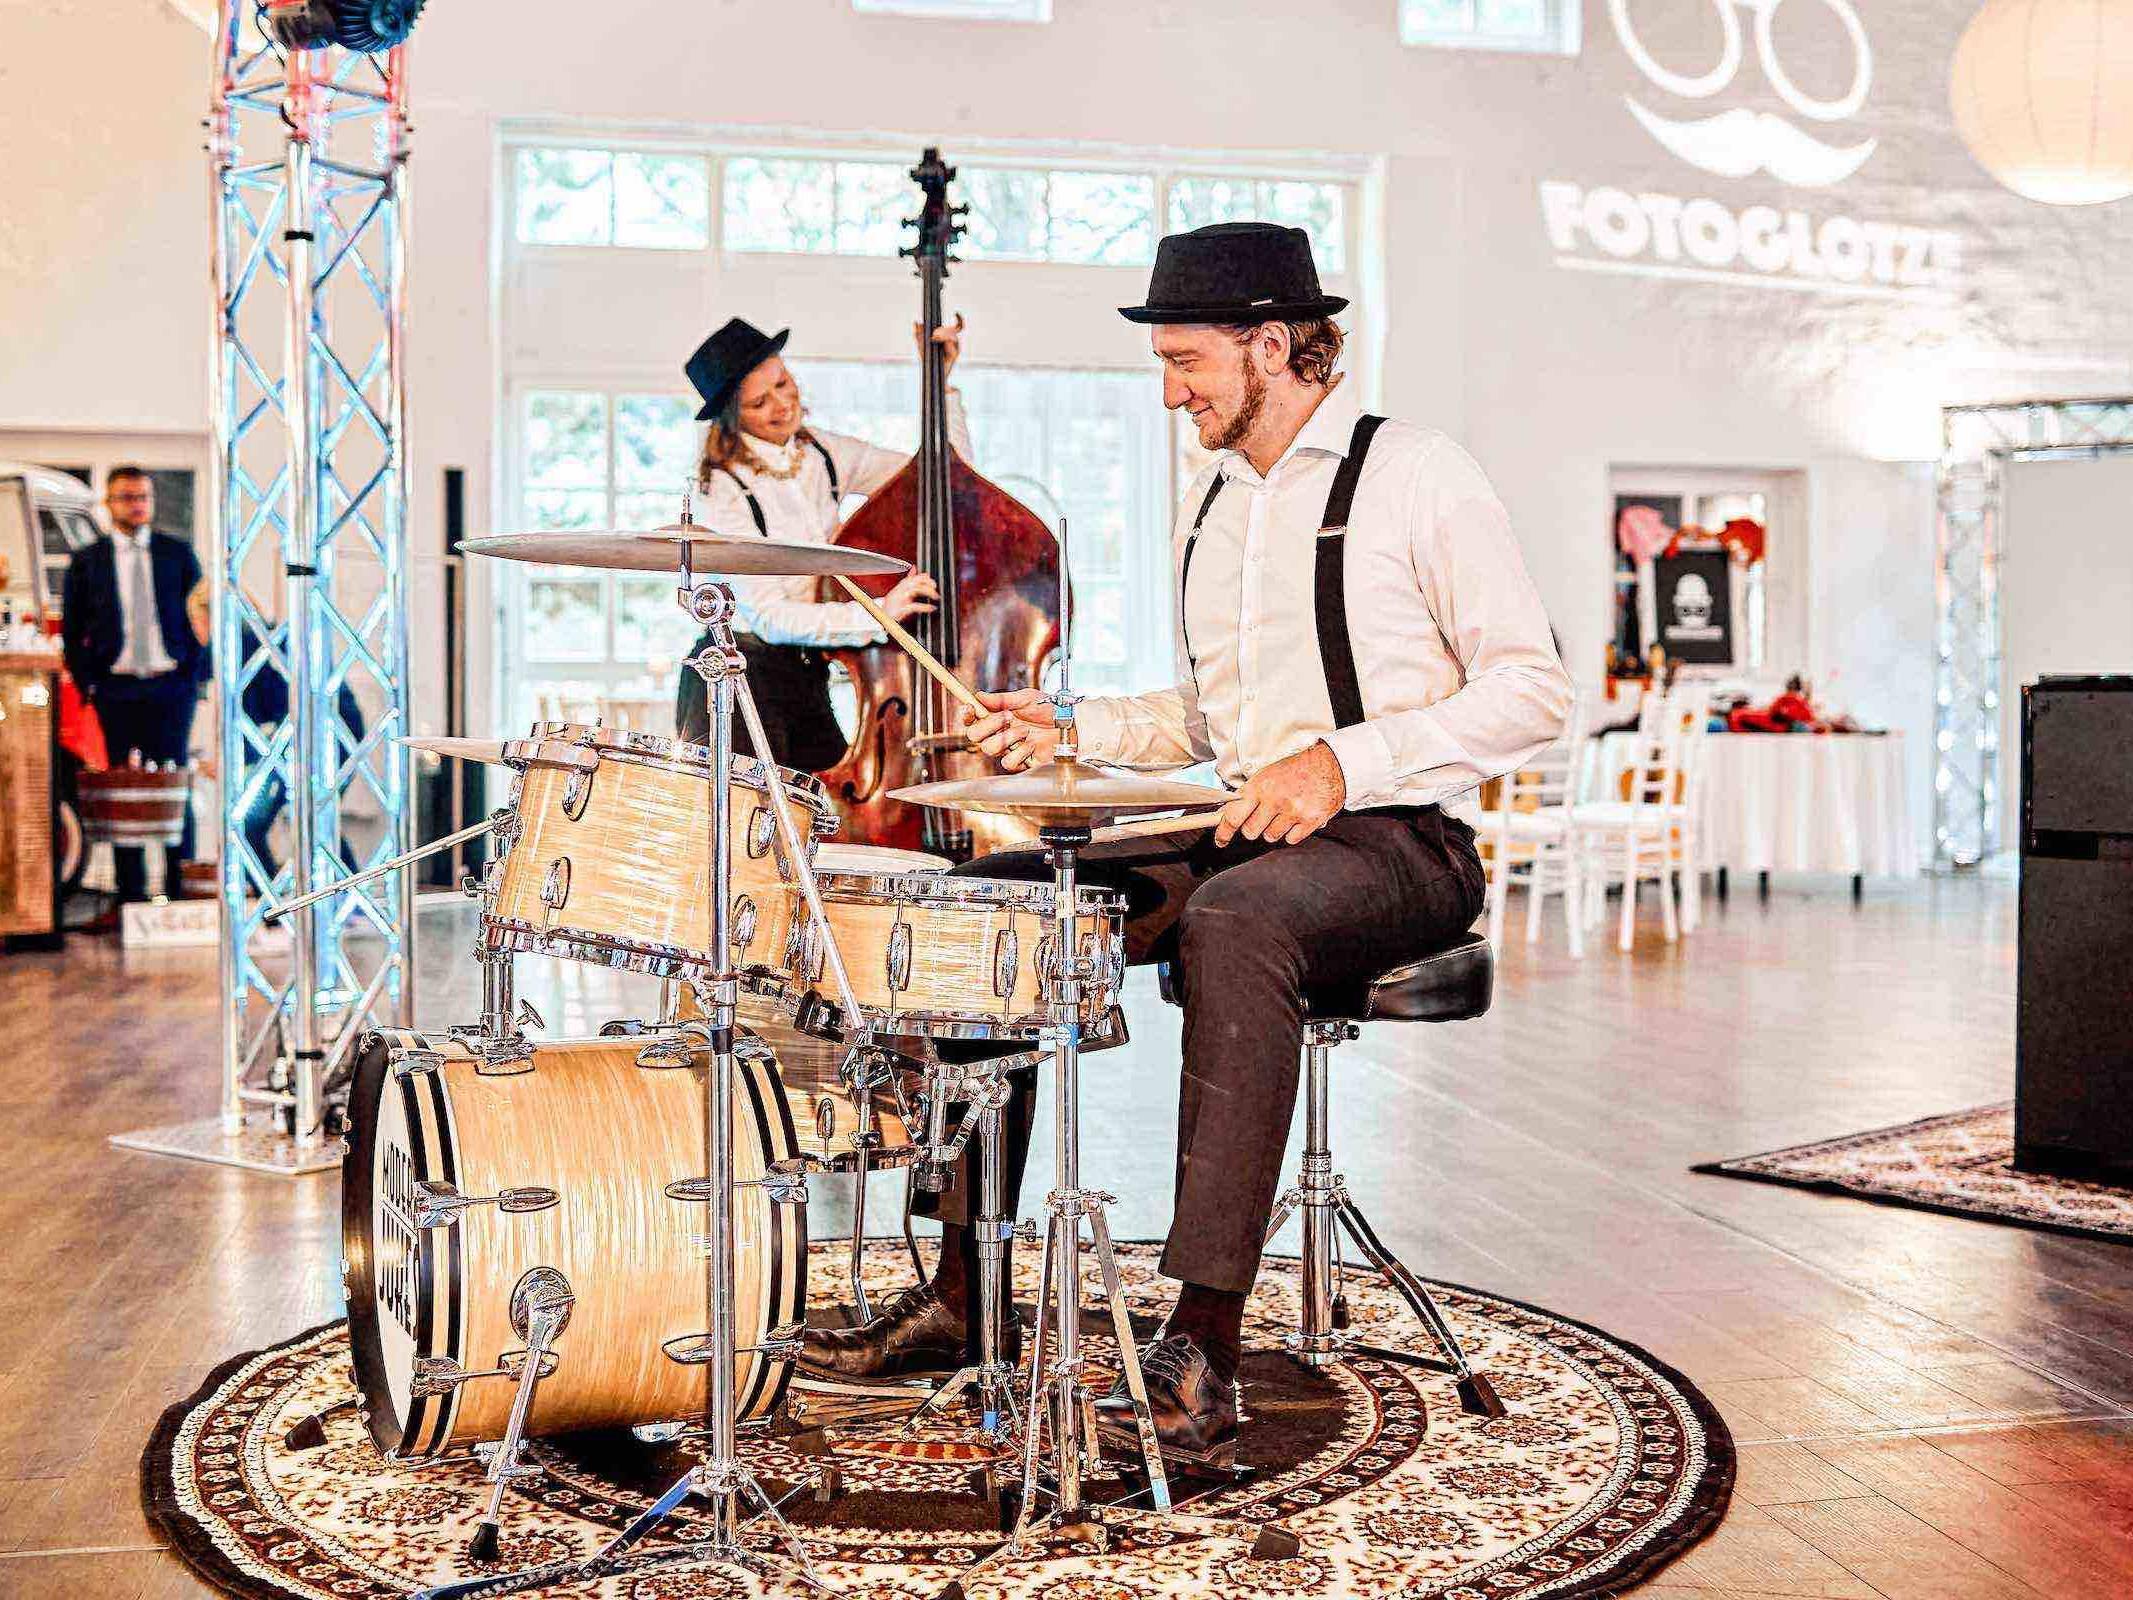 Band   Hochzeit   Hamburg   Popband   Partyband   Sektempfang   Party   Trauung   Schlagzeug   Kontrabass   Dinner   Buchen   Mieten   Hamburgfeiert